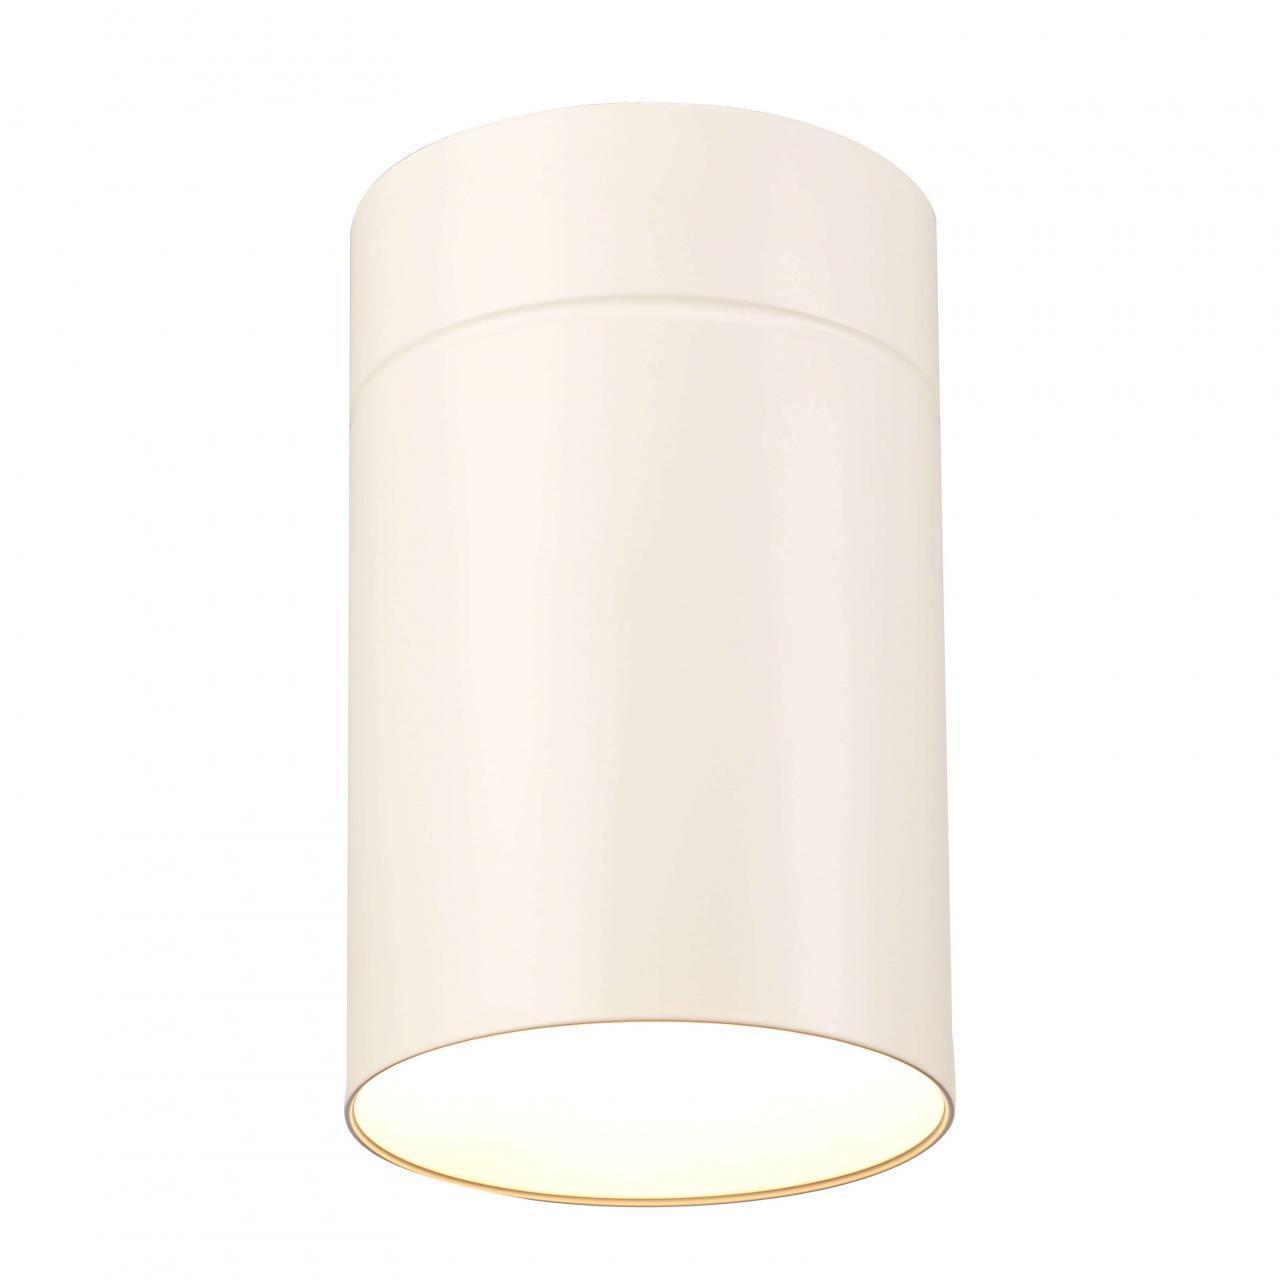 Накладной светильник Mantra 5626, E27, 40 Вт цена 2017